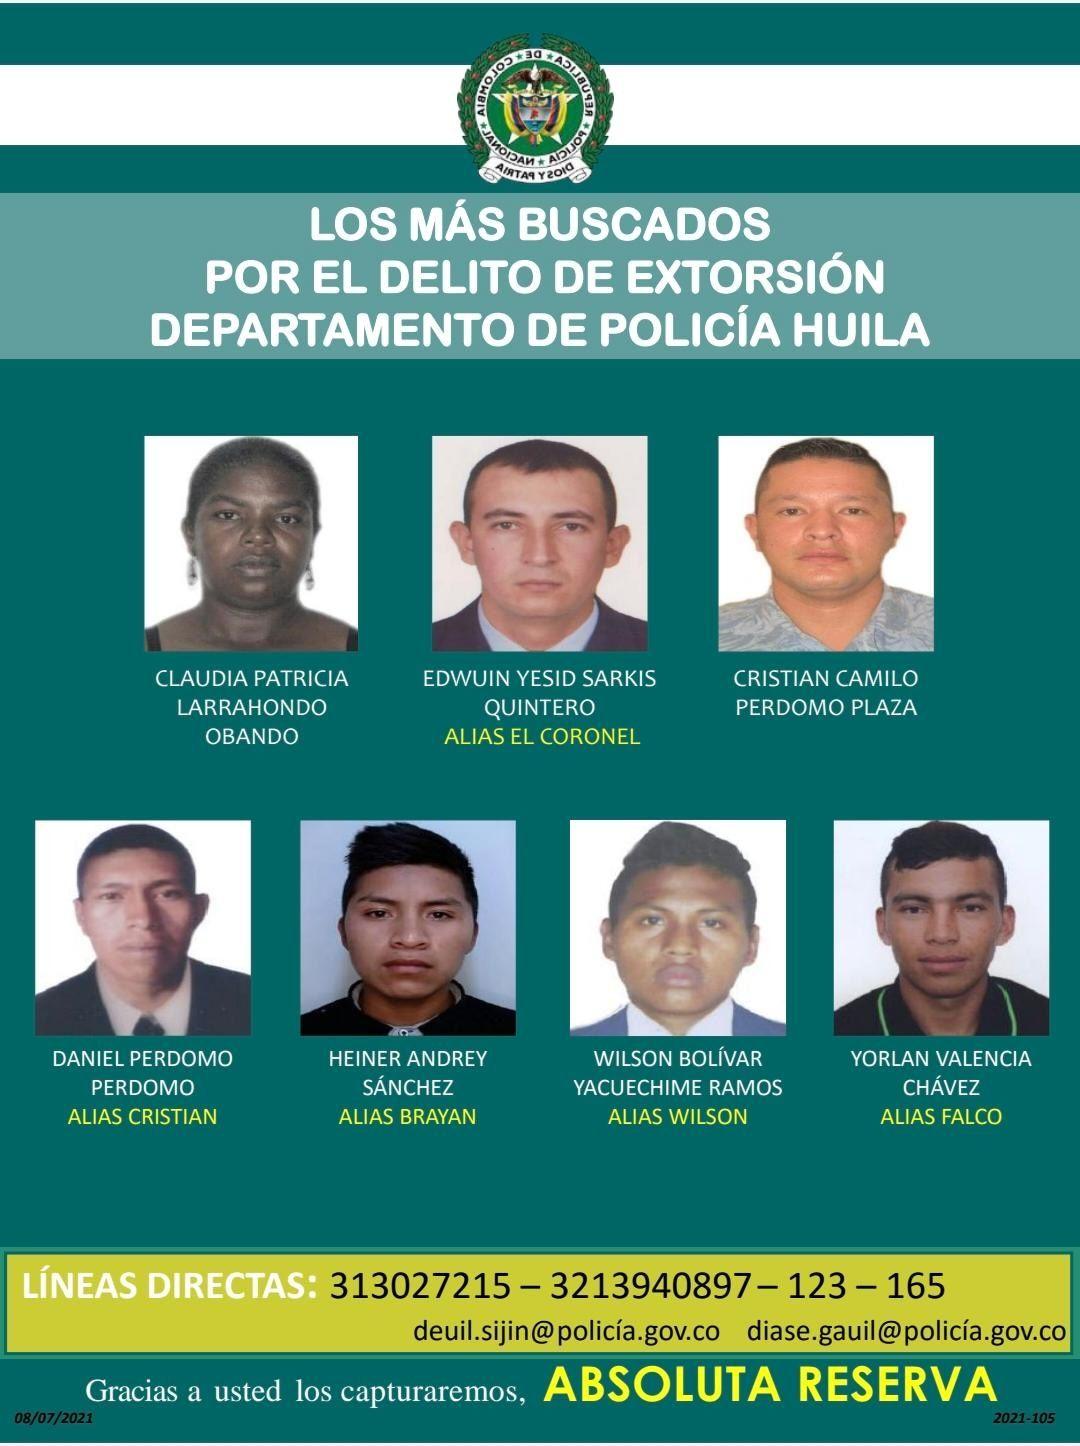 Policía presenta el cartel de los más buscados por extorsión en el Huila